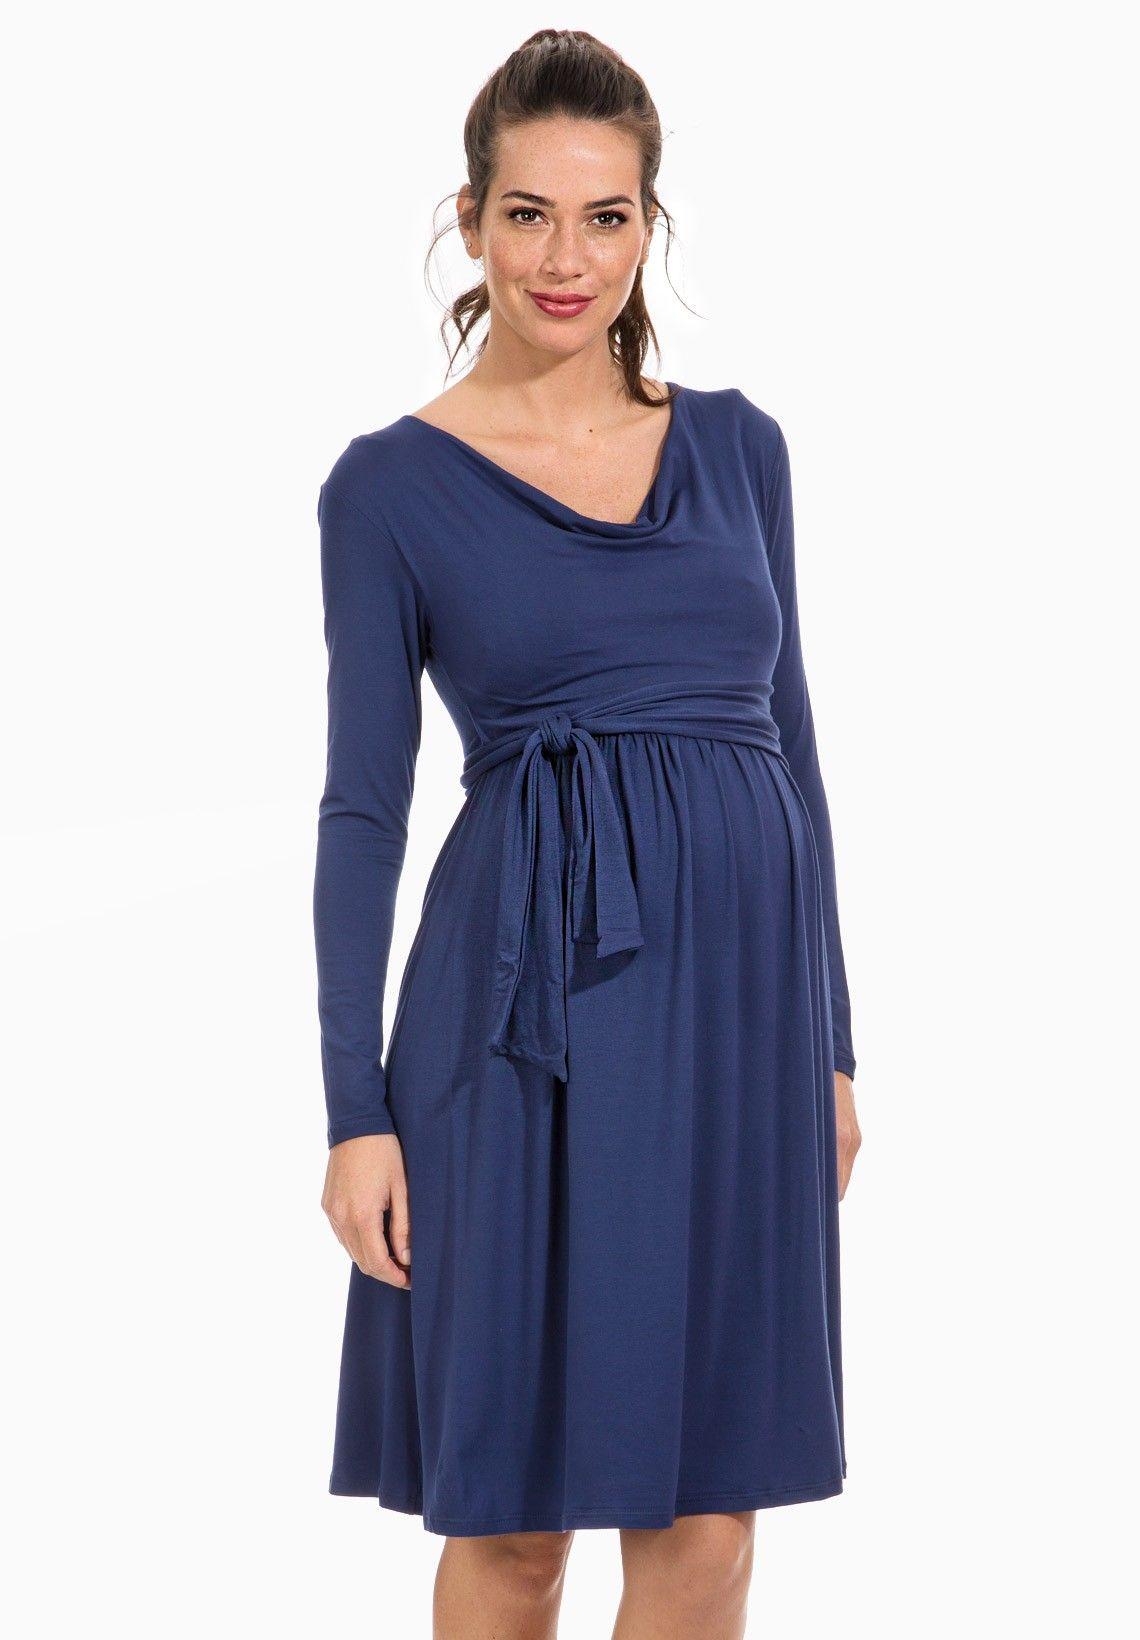 39,99€ BULLEML - Vestido premamá - Envie de Fraise